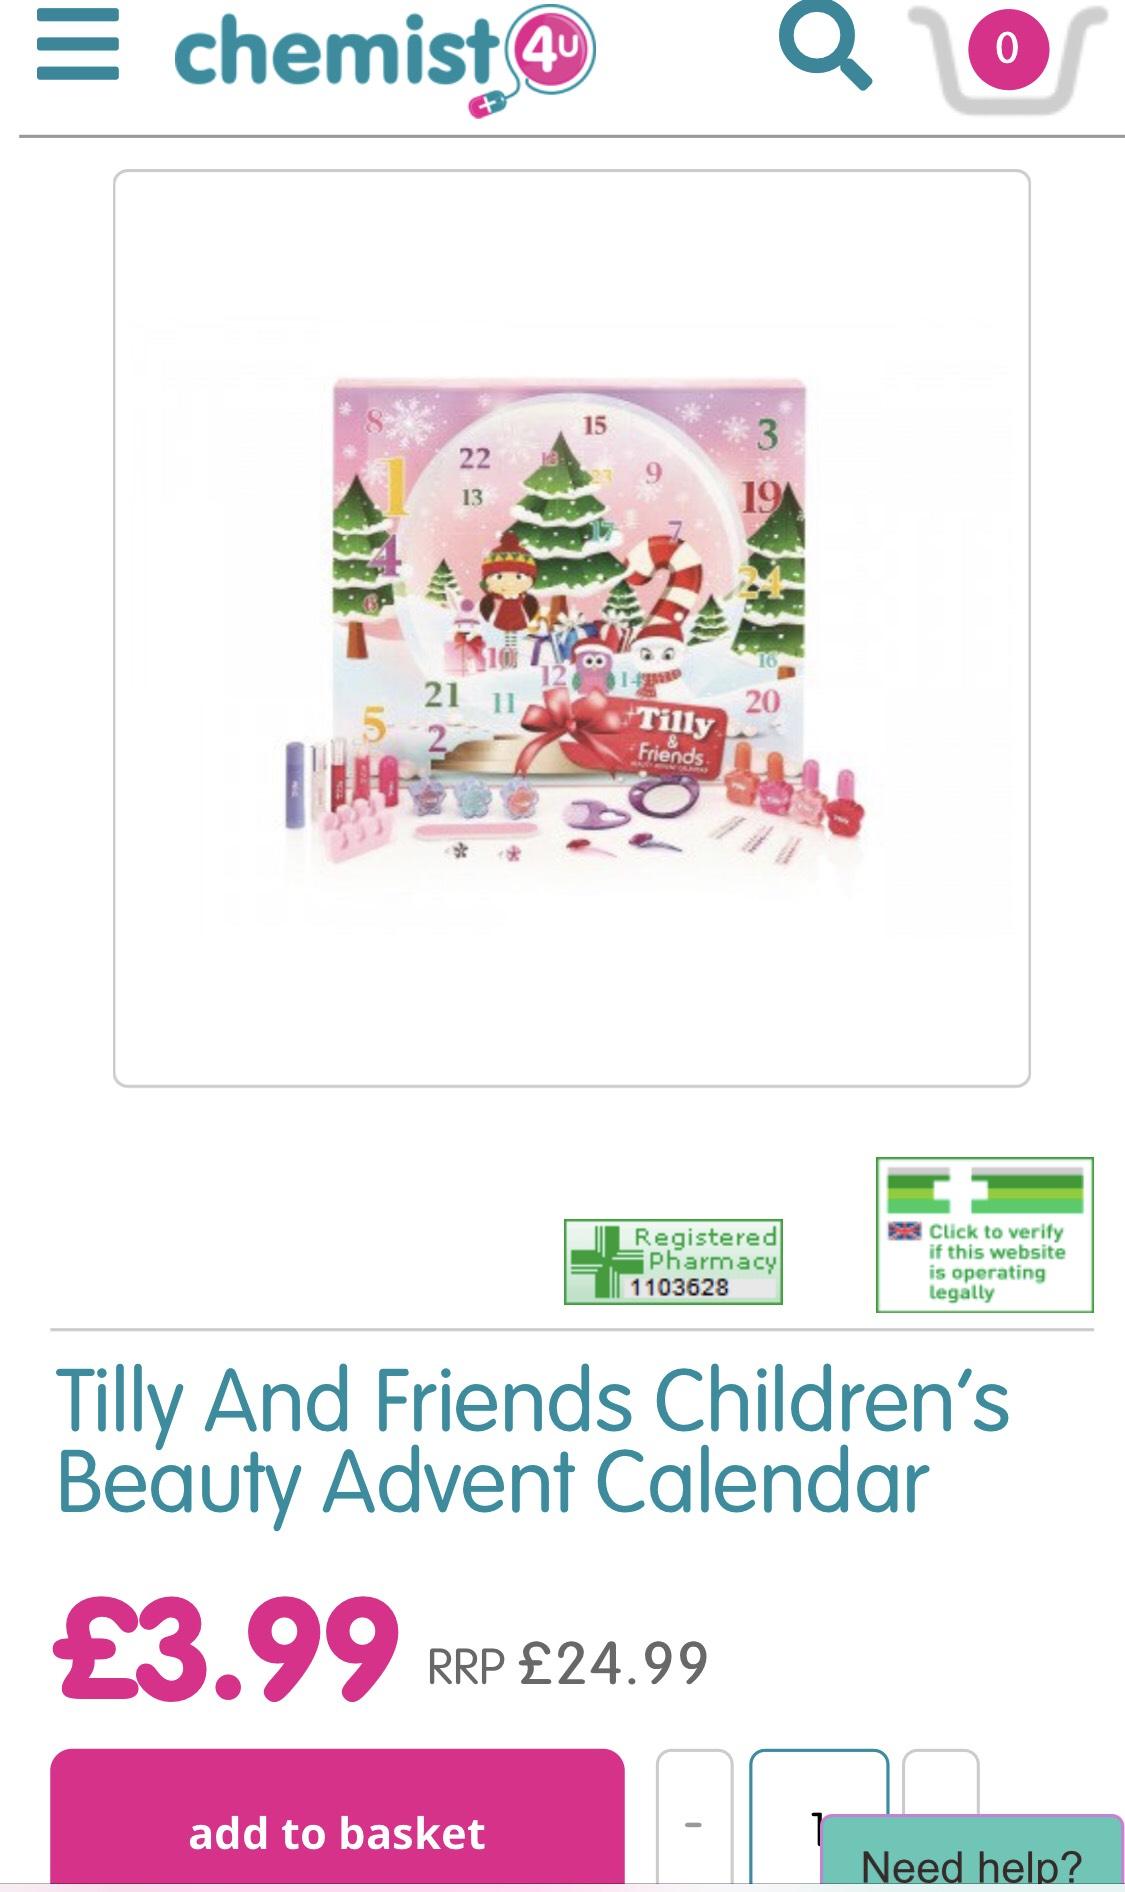 Tilly And Friends Children's Beauty Advent Calendar £3.99 @ Chemist 4 U